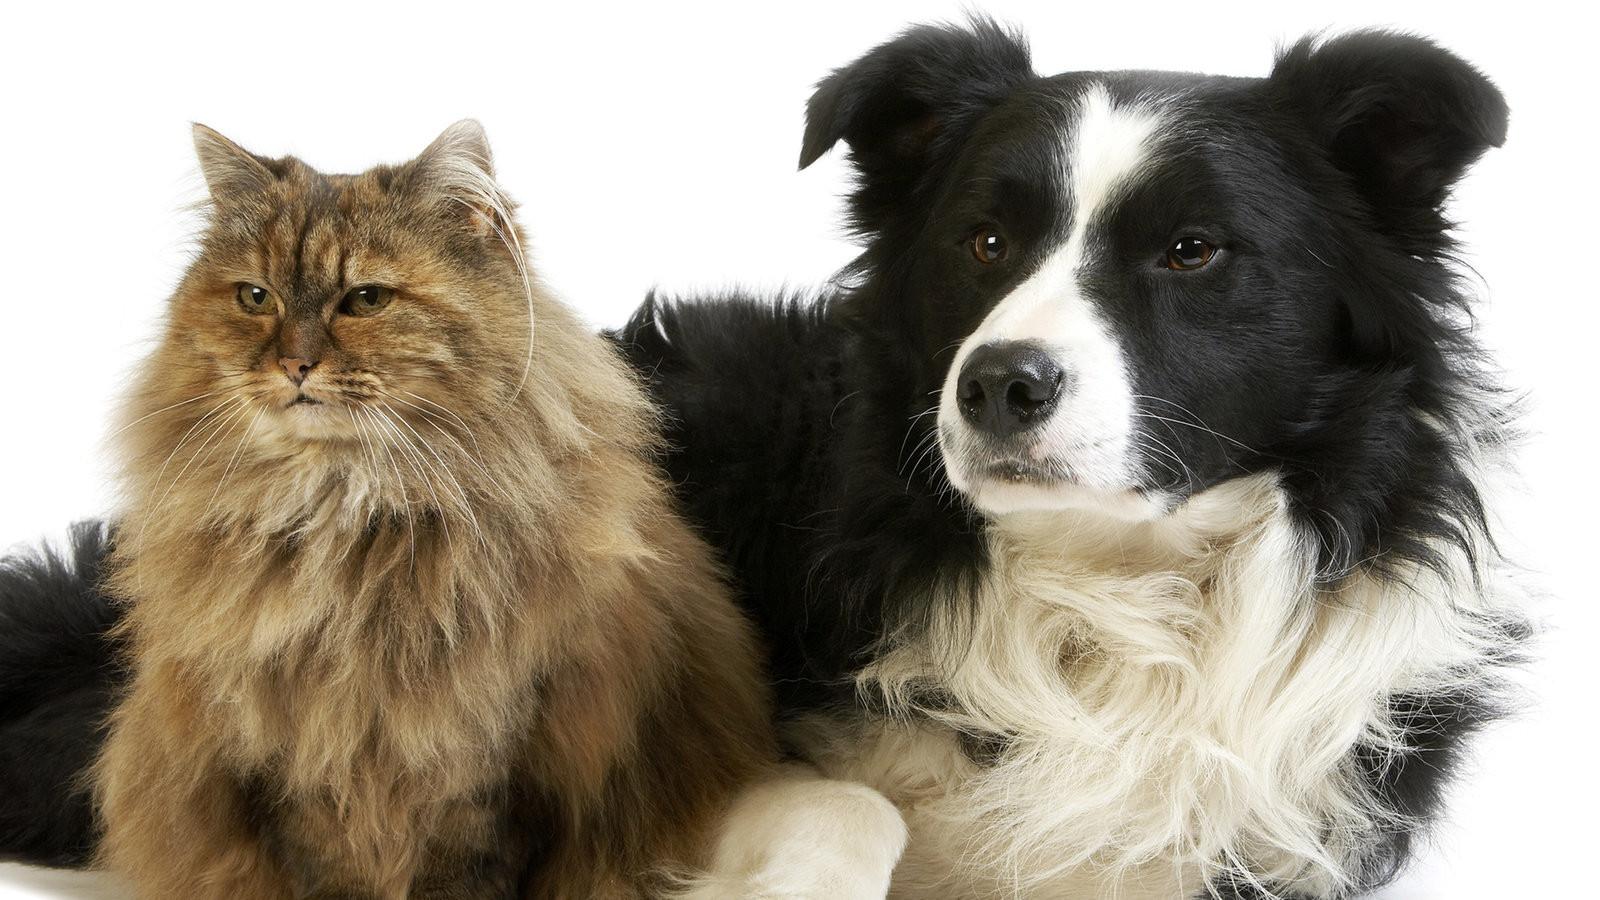 Tiere Suchen Ein Zu Hause  Themenschwerpunkte zu Tierhaltung und Tierschutz